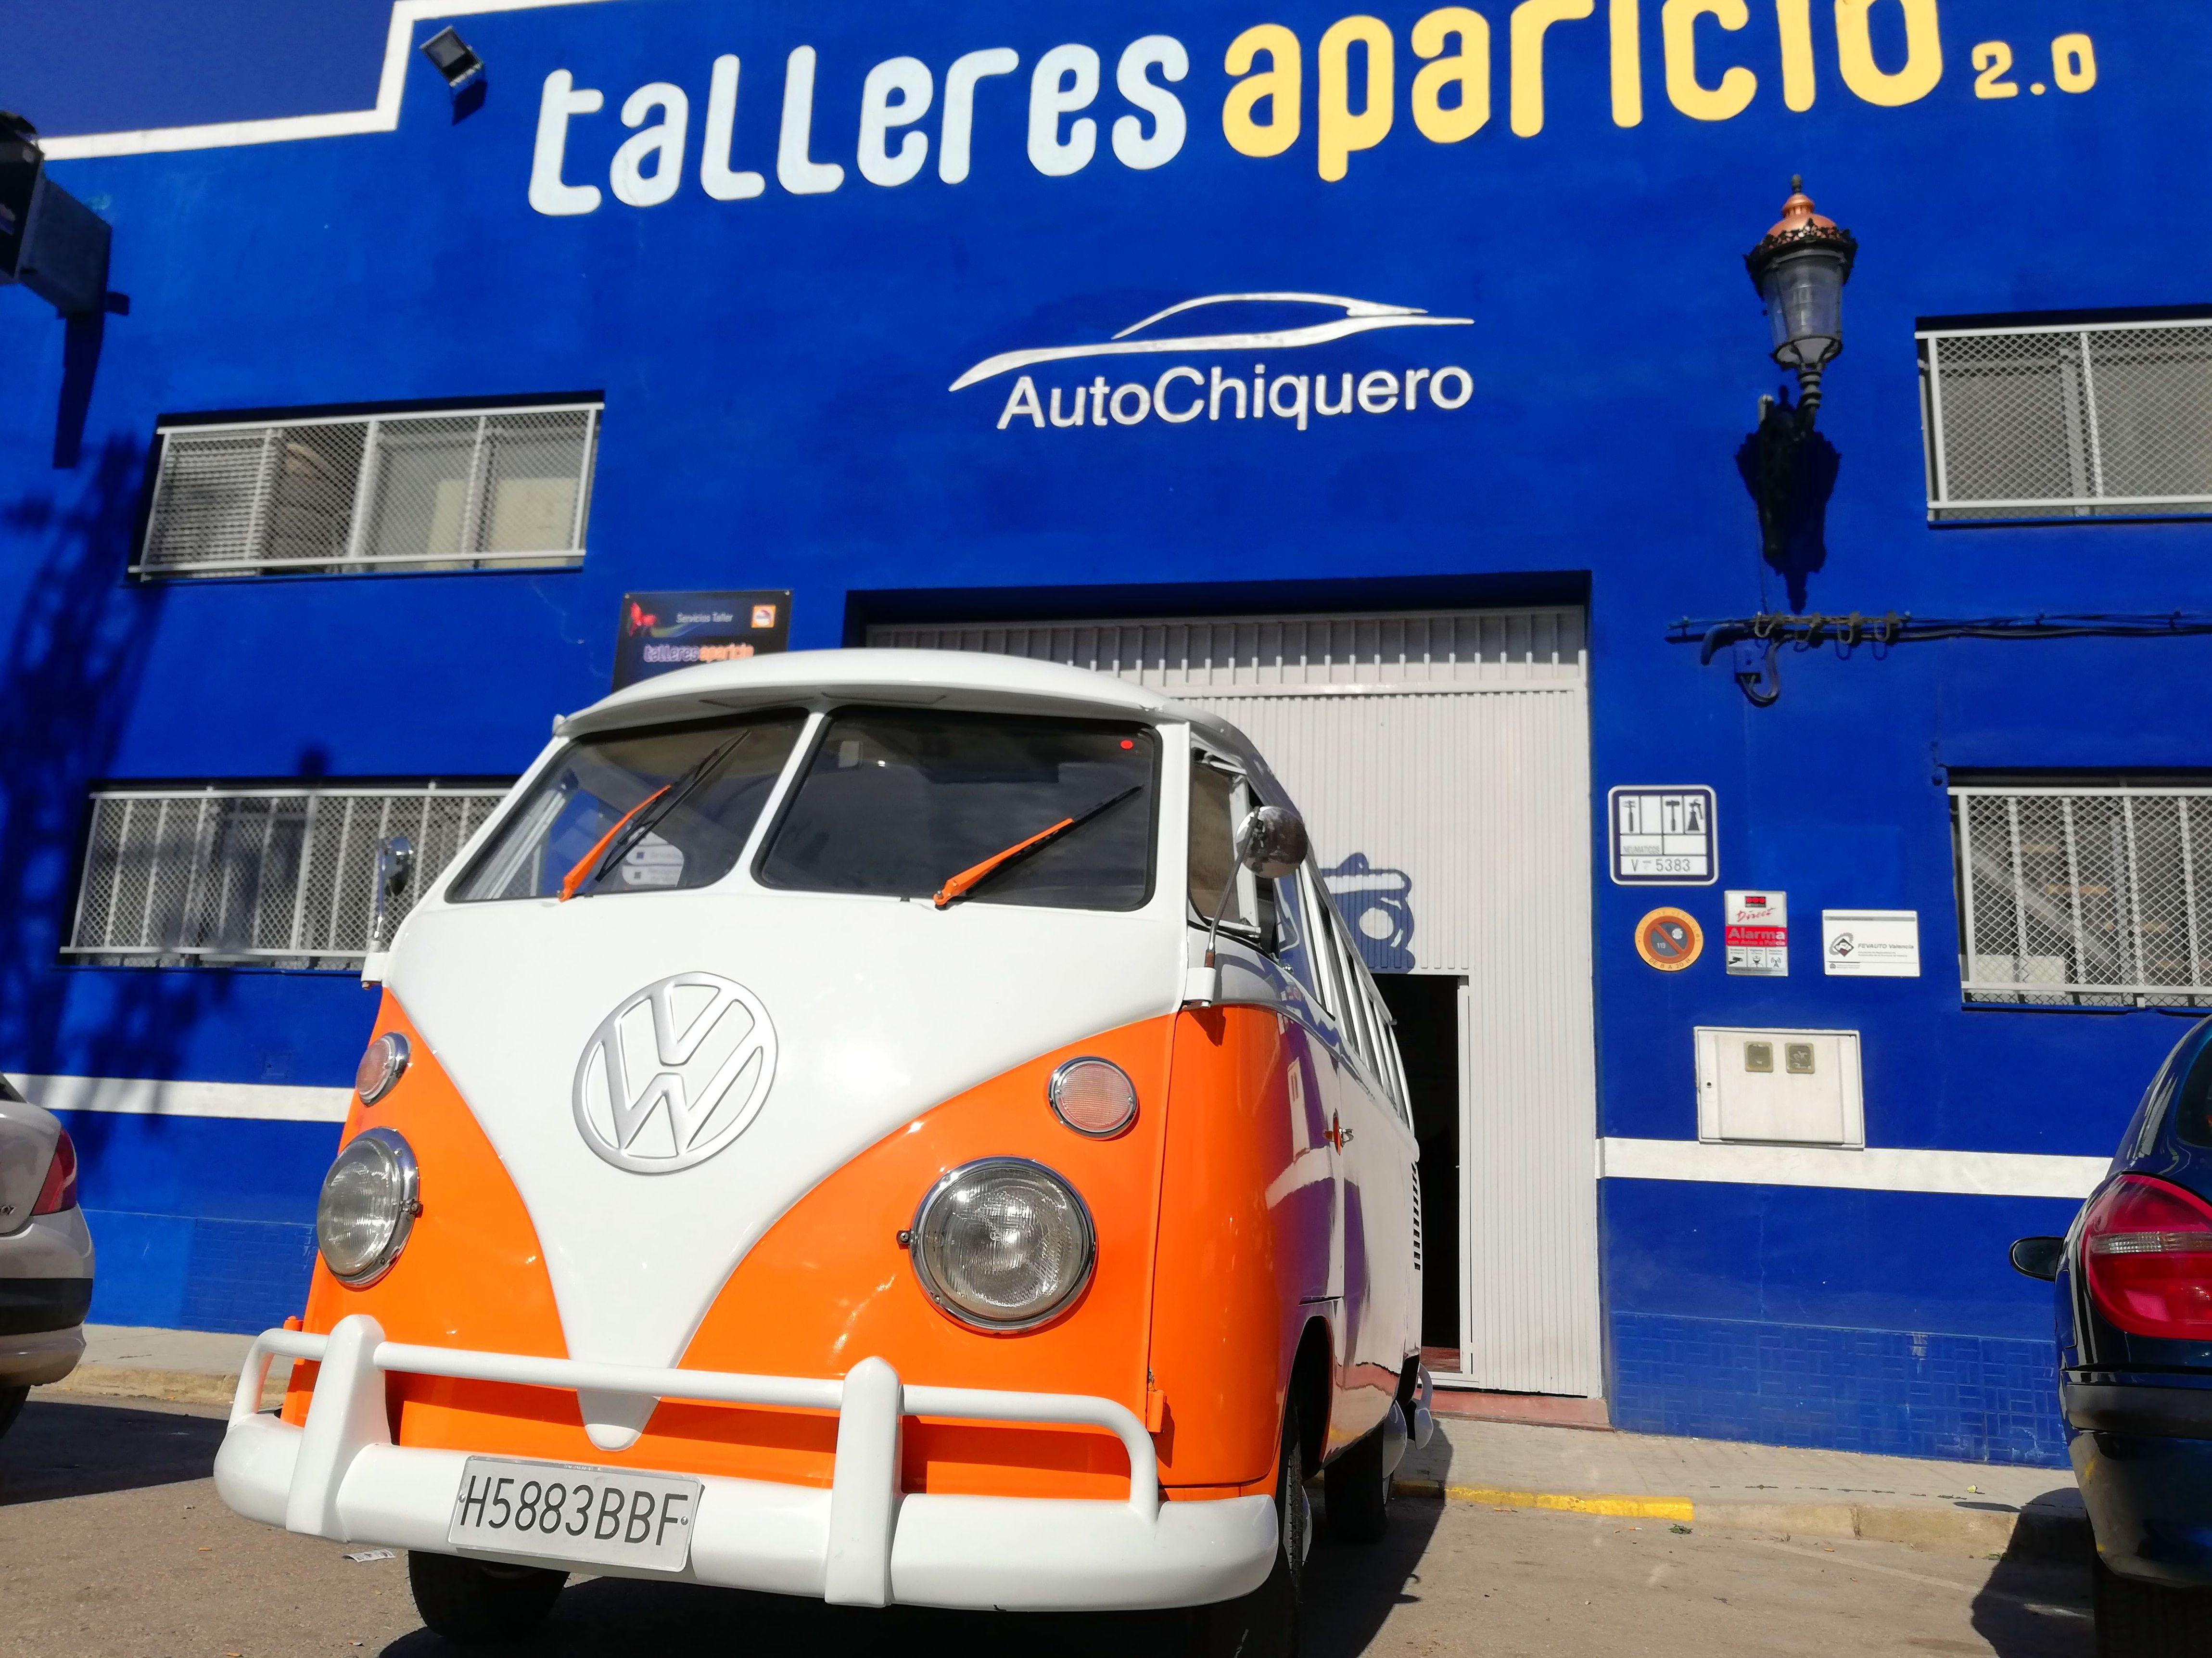 Foto 4 de Talleres de chapa y pintura en Valencia | Talleres Aparicio Autochiquero